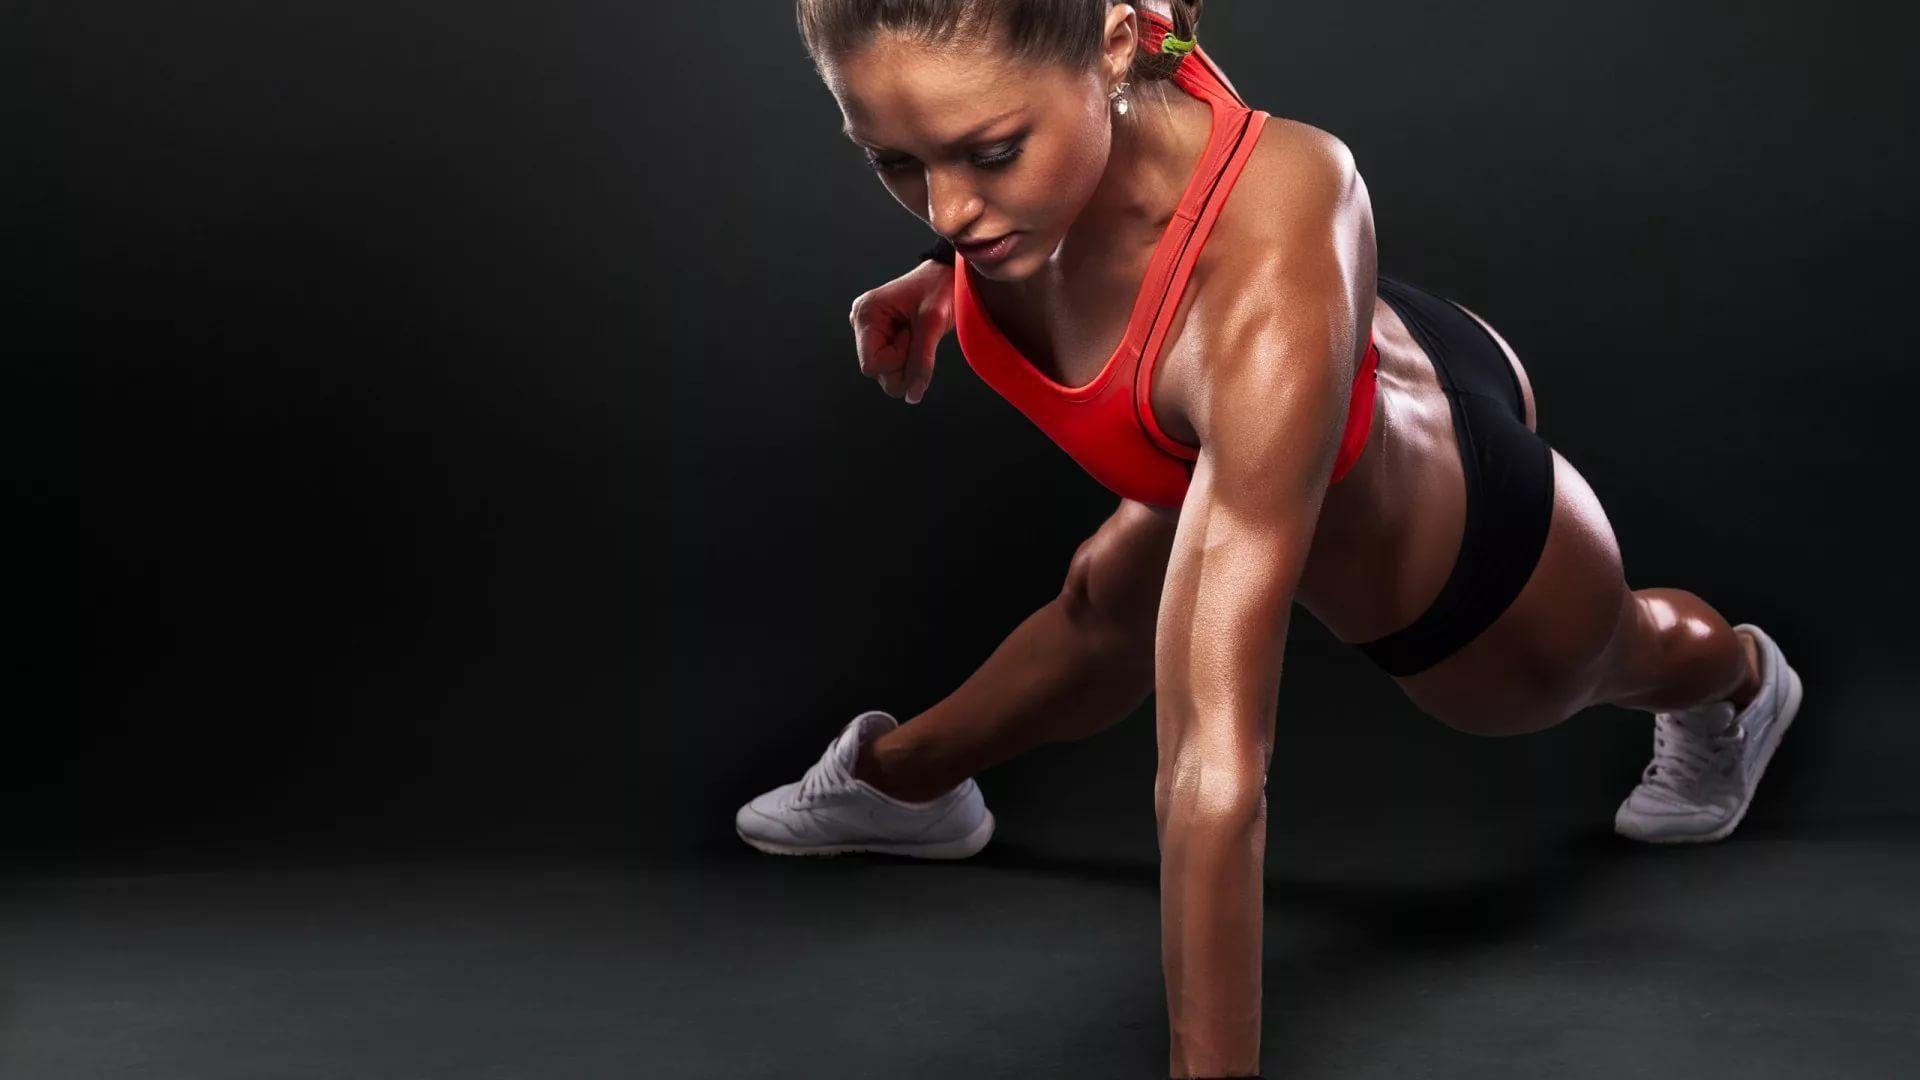 Workout 1080p Wallpaper